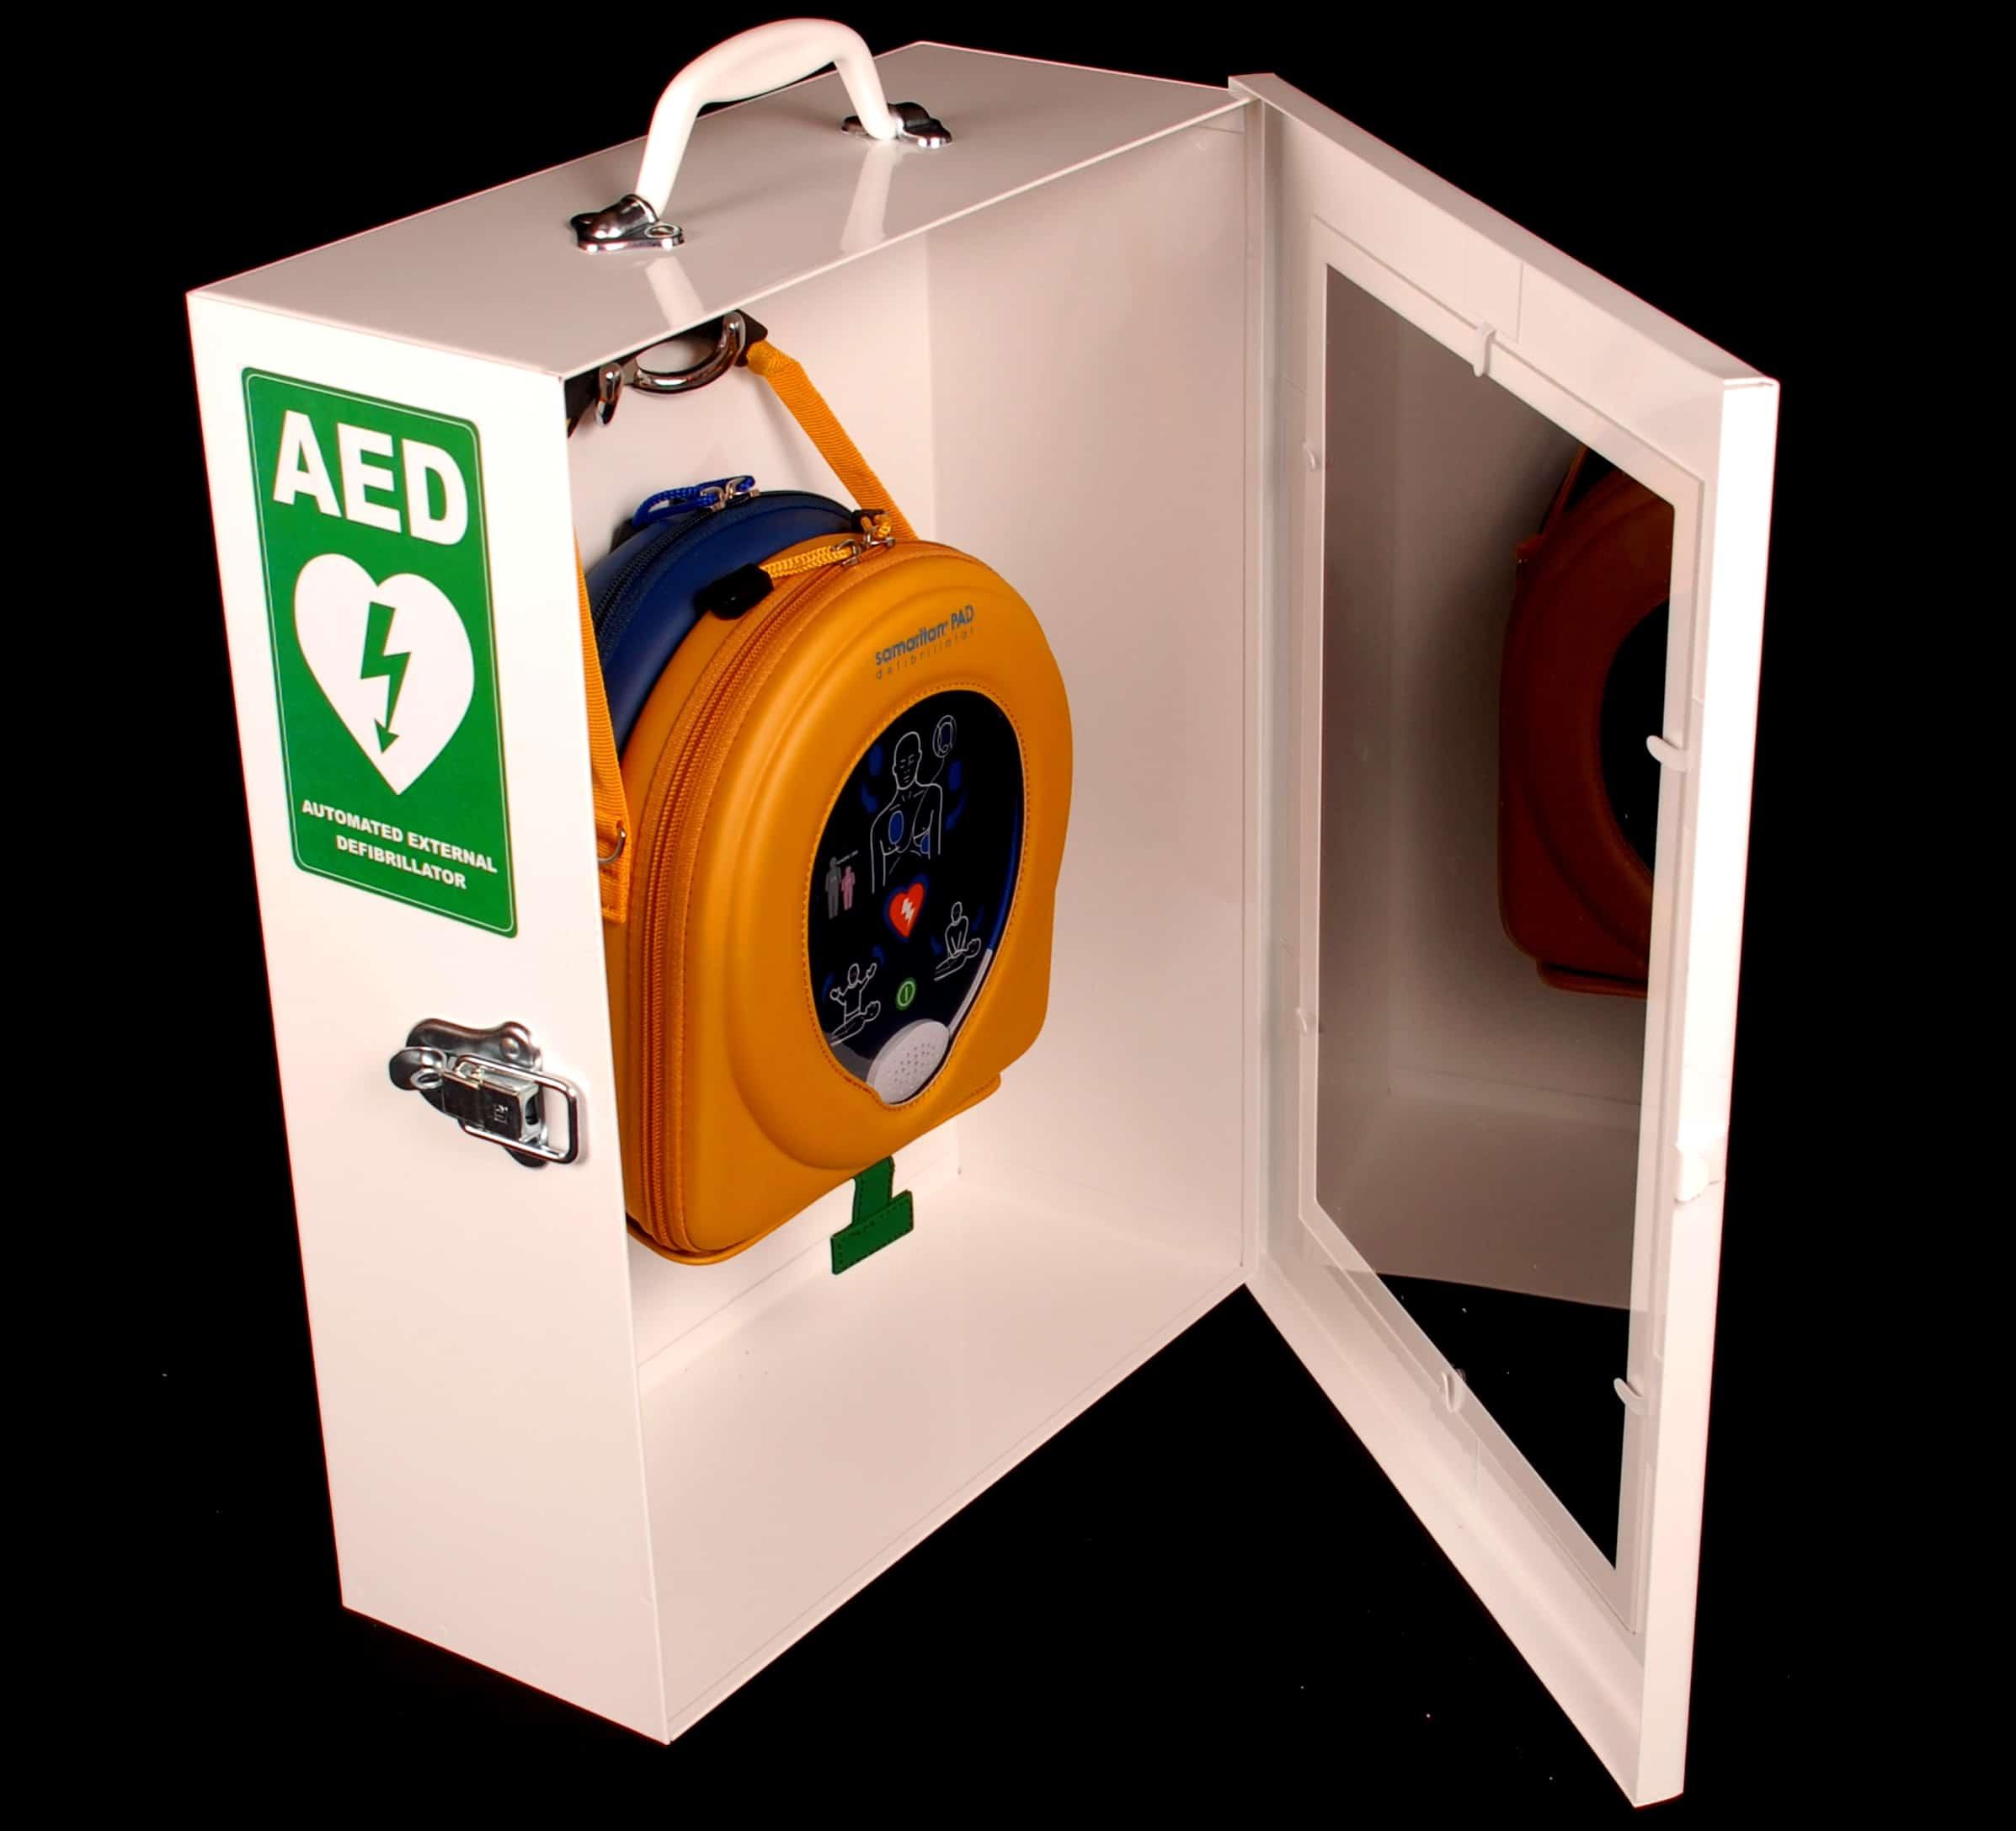 Alsco AED